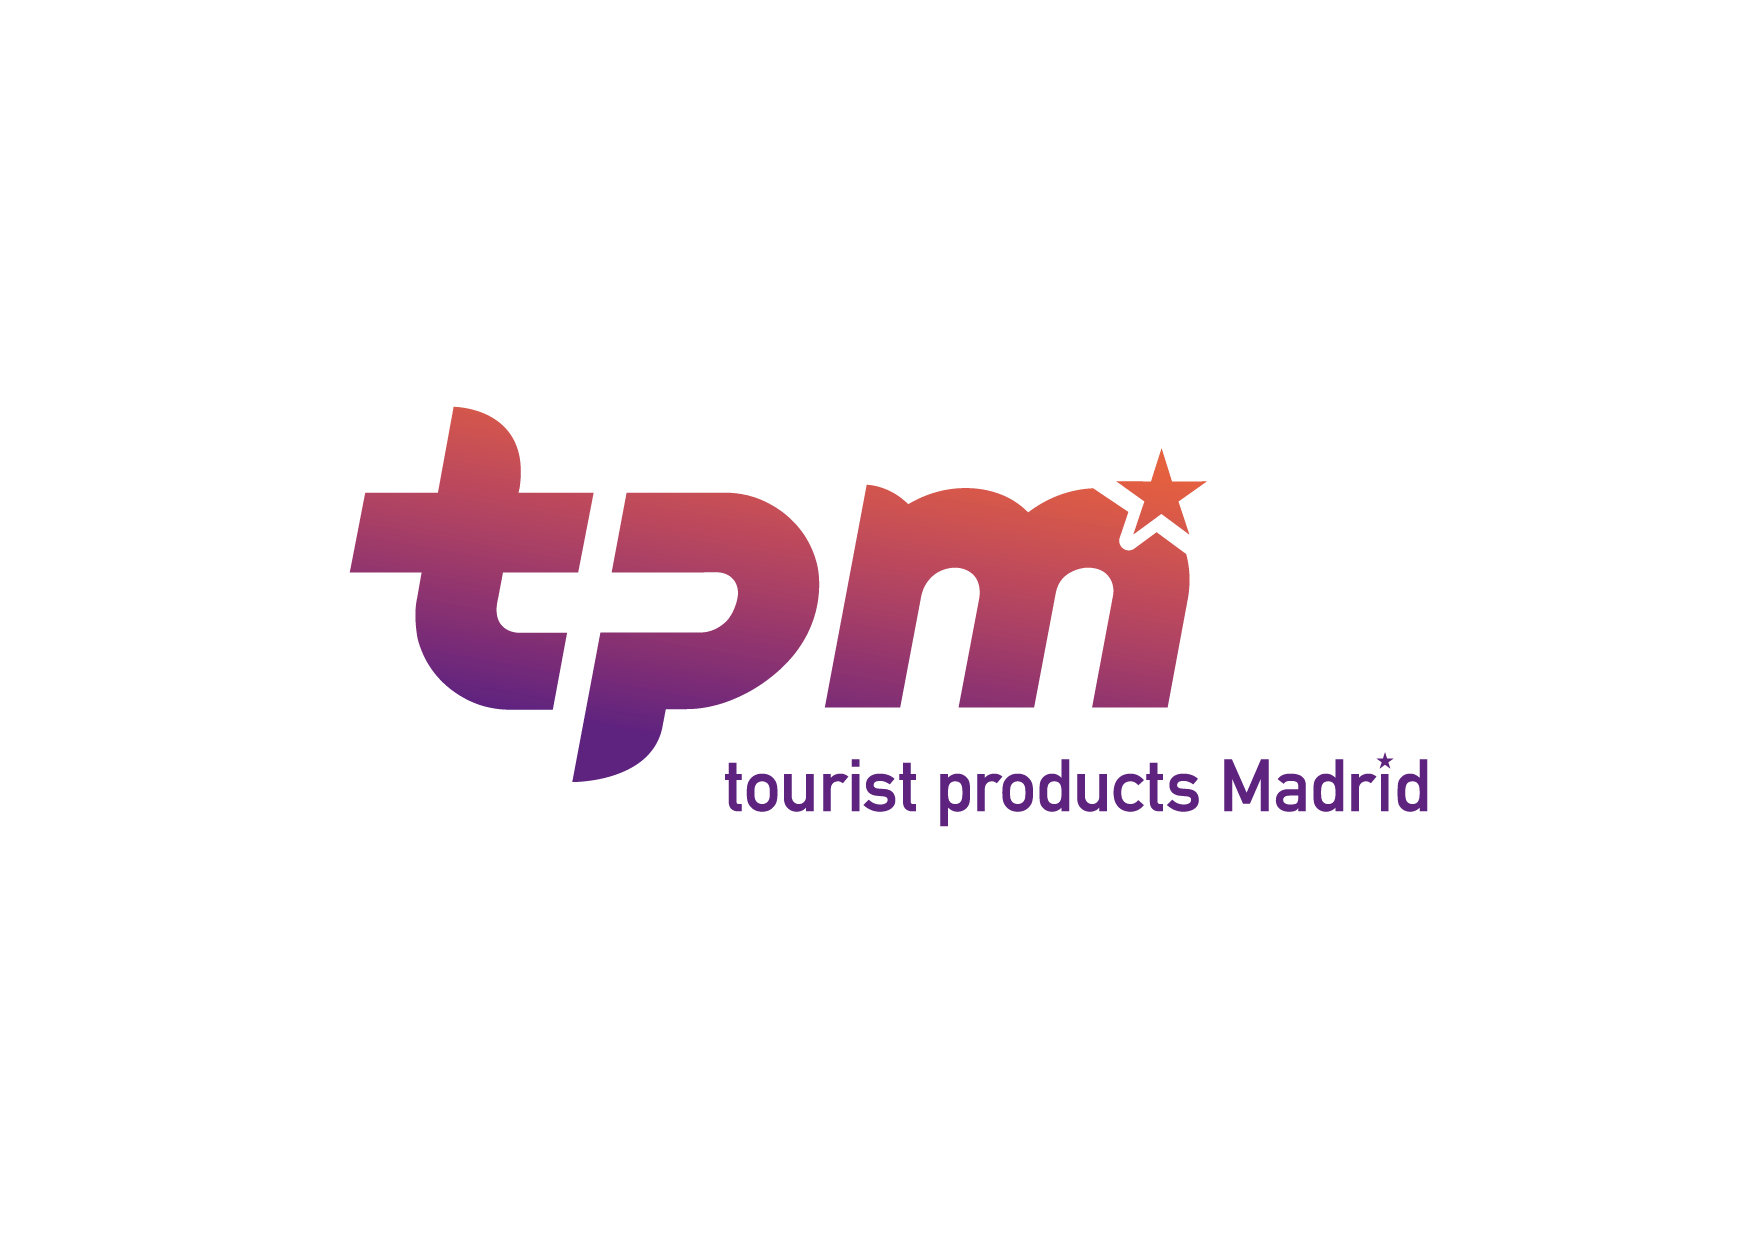 Diseño de logotipo para empresa de turismo